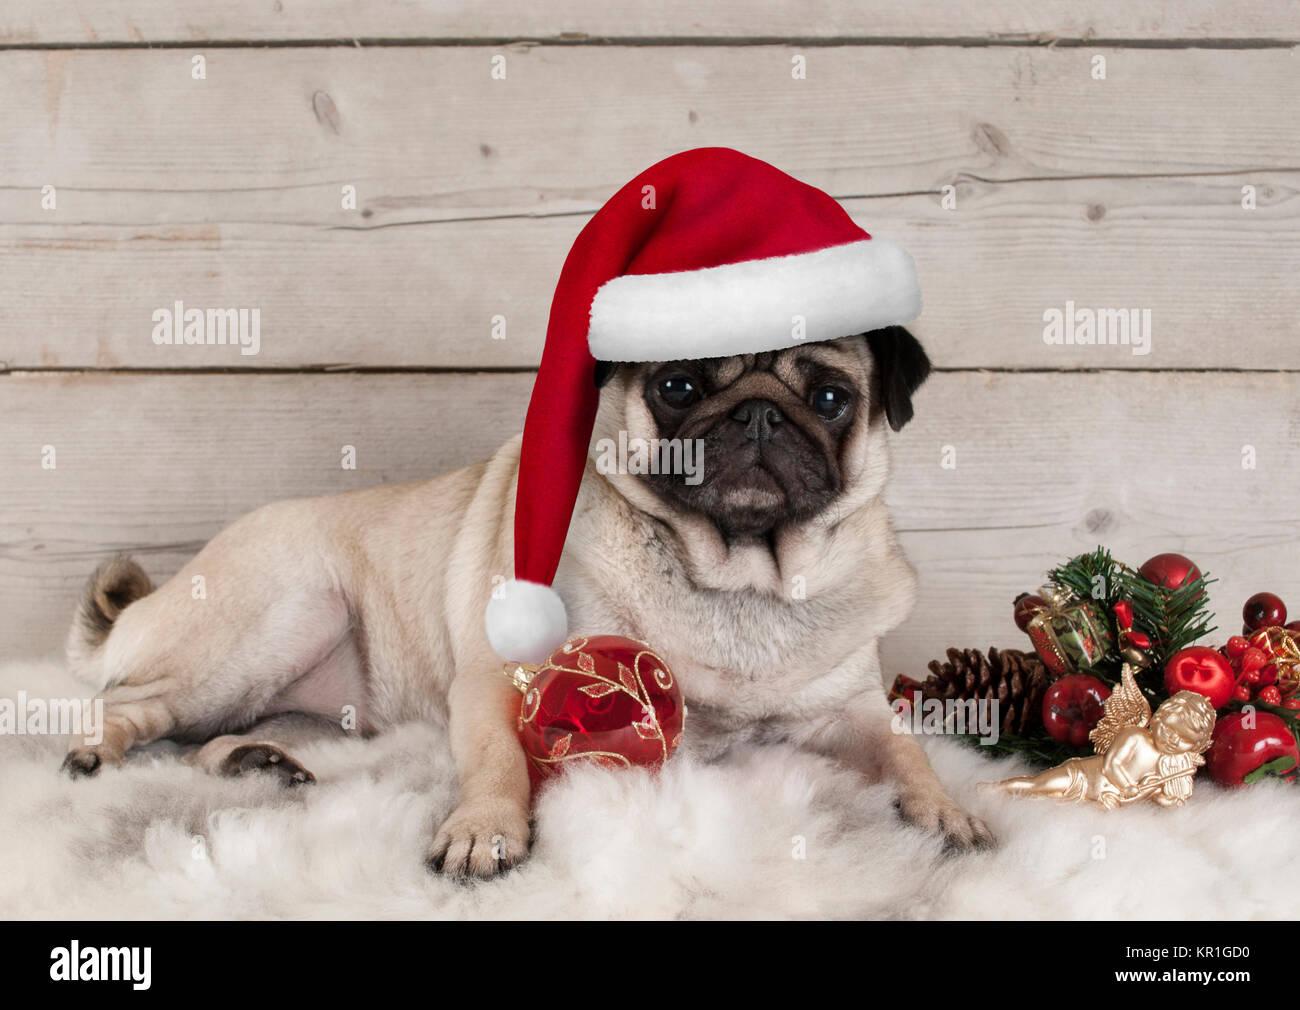 Mops Bilder Weihnachten.Schöne Weihnachten Mops Hund Welpe Liegend Auf Lammfell Decke Mit